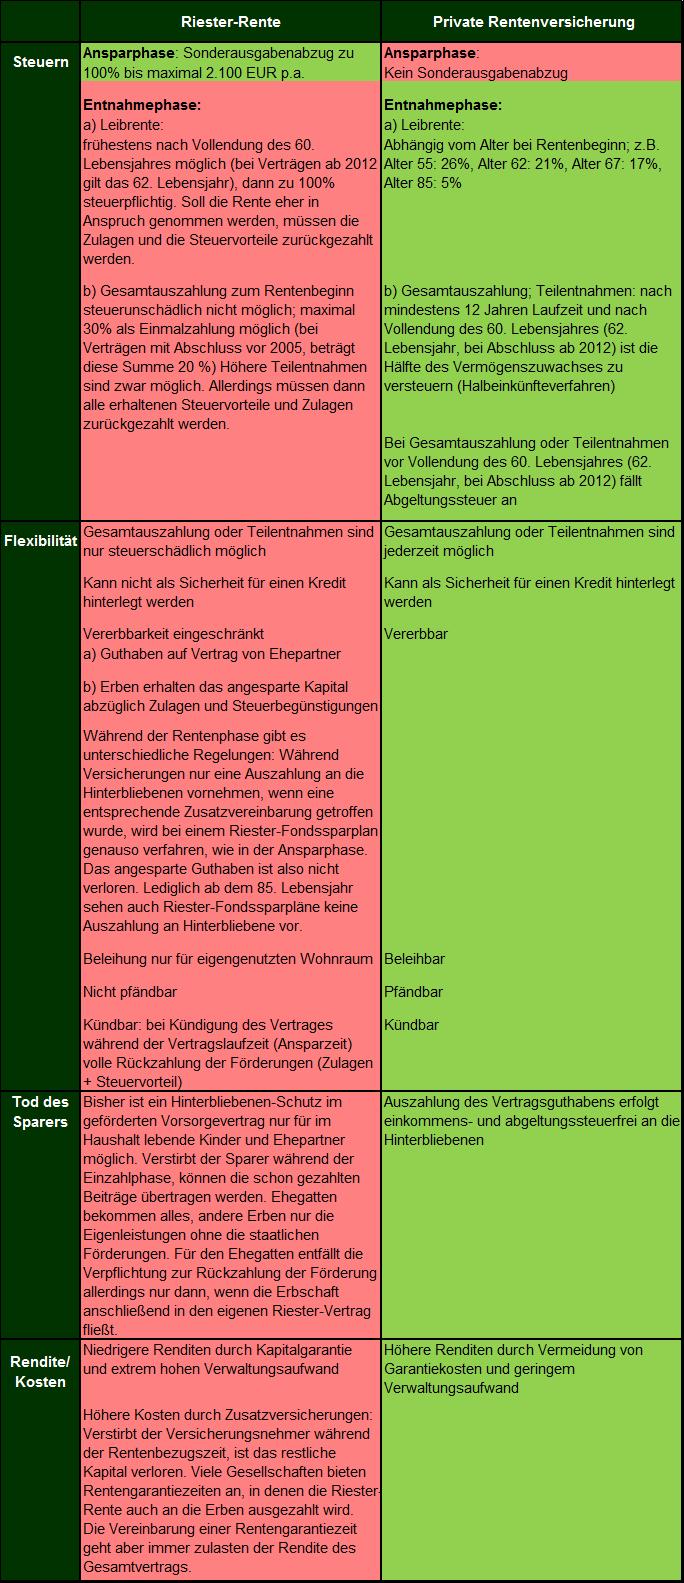 Quelle: Vergleich Riester-Rente mit privater Rentenversicherung. Es handelt sich hier lediglich um eine Einschätzung der Situation, die eine Beratung eines Steuerfachkundigen (beispielsweise eines Steuerberaters) nicht ersetzen kann.